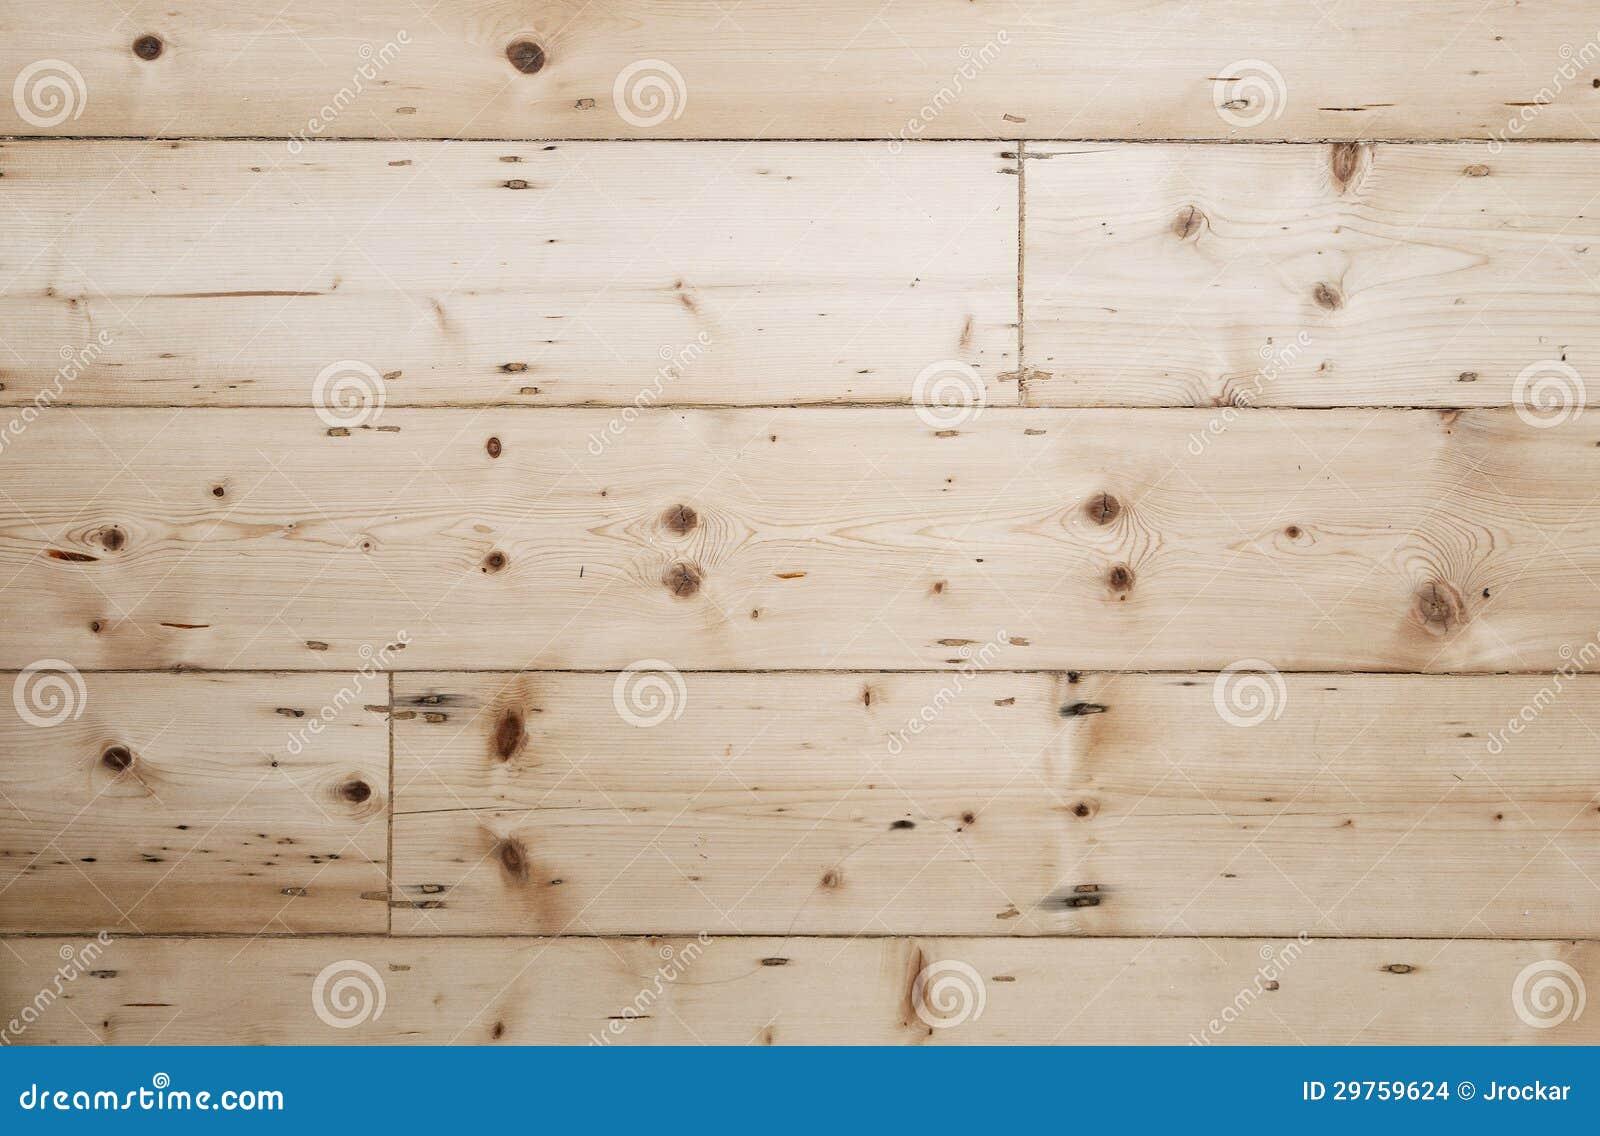 Onbehandelde Houten Vloer : Ruwe harde houten vloer stock foto afbeelding bestaande uit